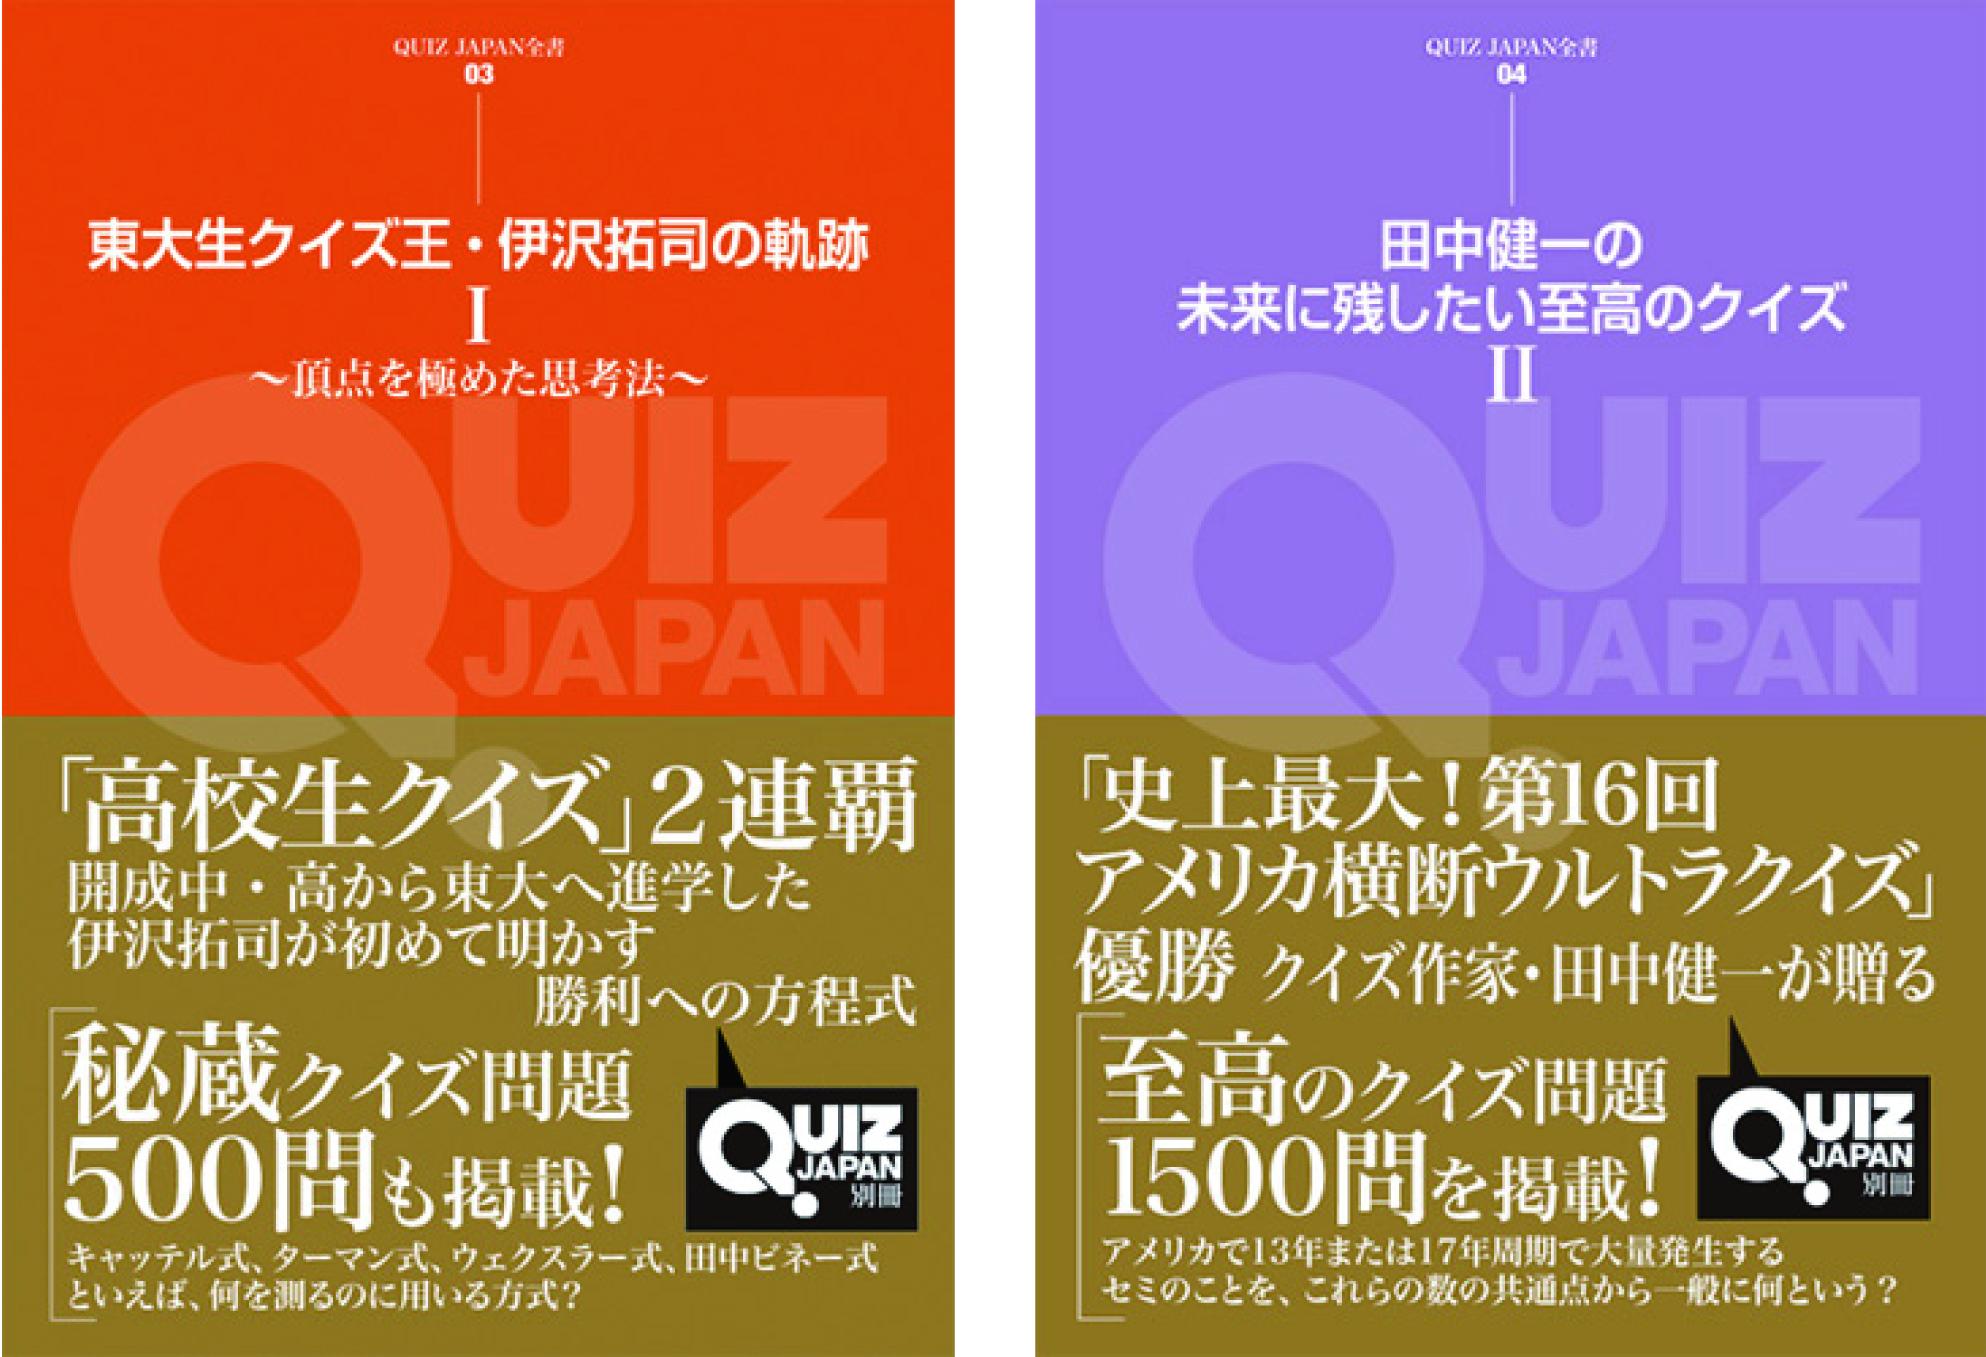 新創刊の「QUIZ JAPAN全書」から、2大クイズ王・伊沢拓司と田中健一による新刊が同時発売!